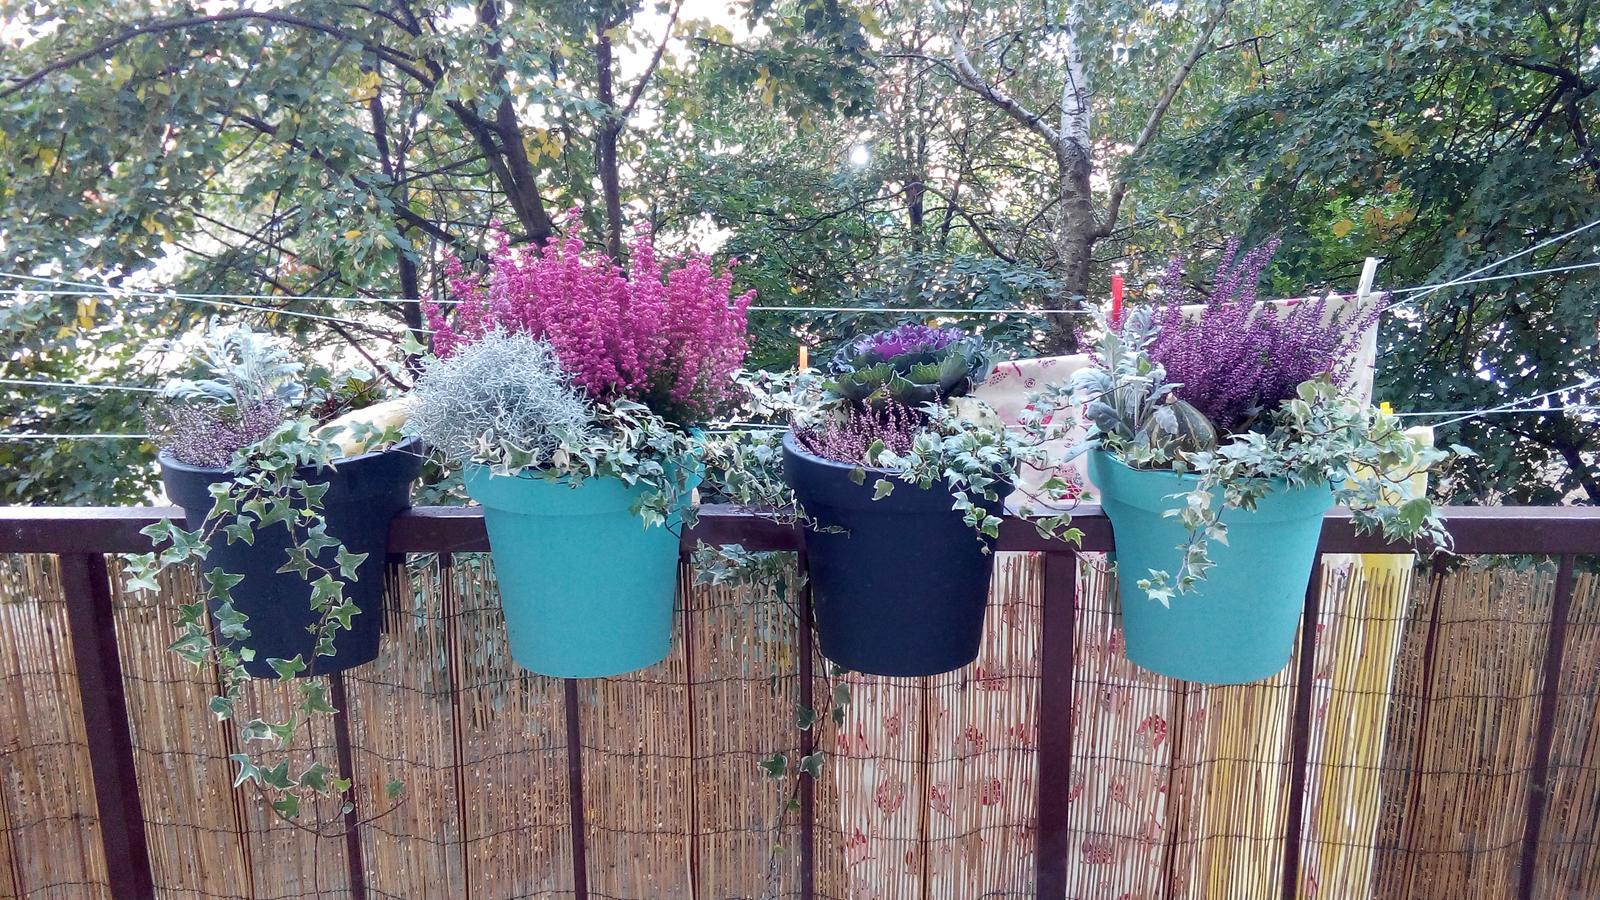 Kuchyňa - Pohlad z kuchyne na balkon, urobila som si trocha radostva obliekla ho do jesennej kolekcie :-)